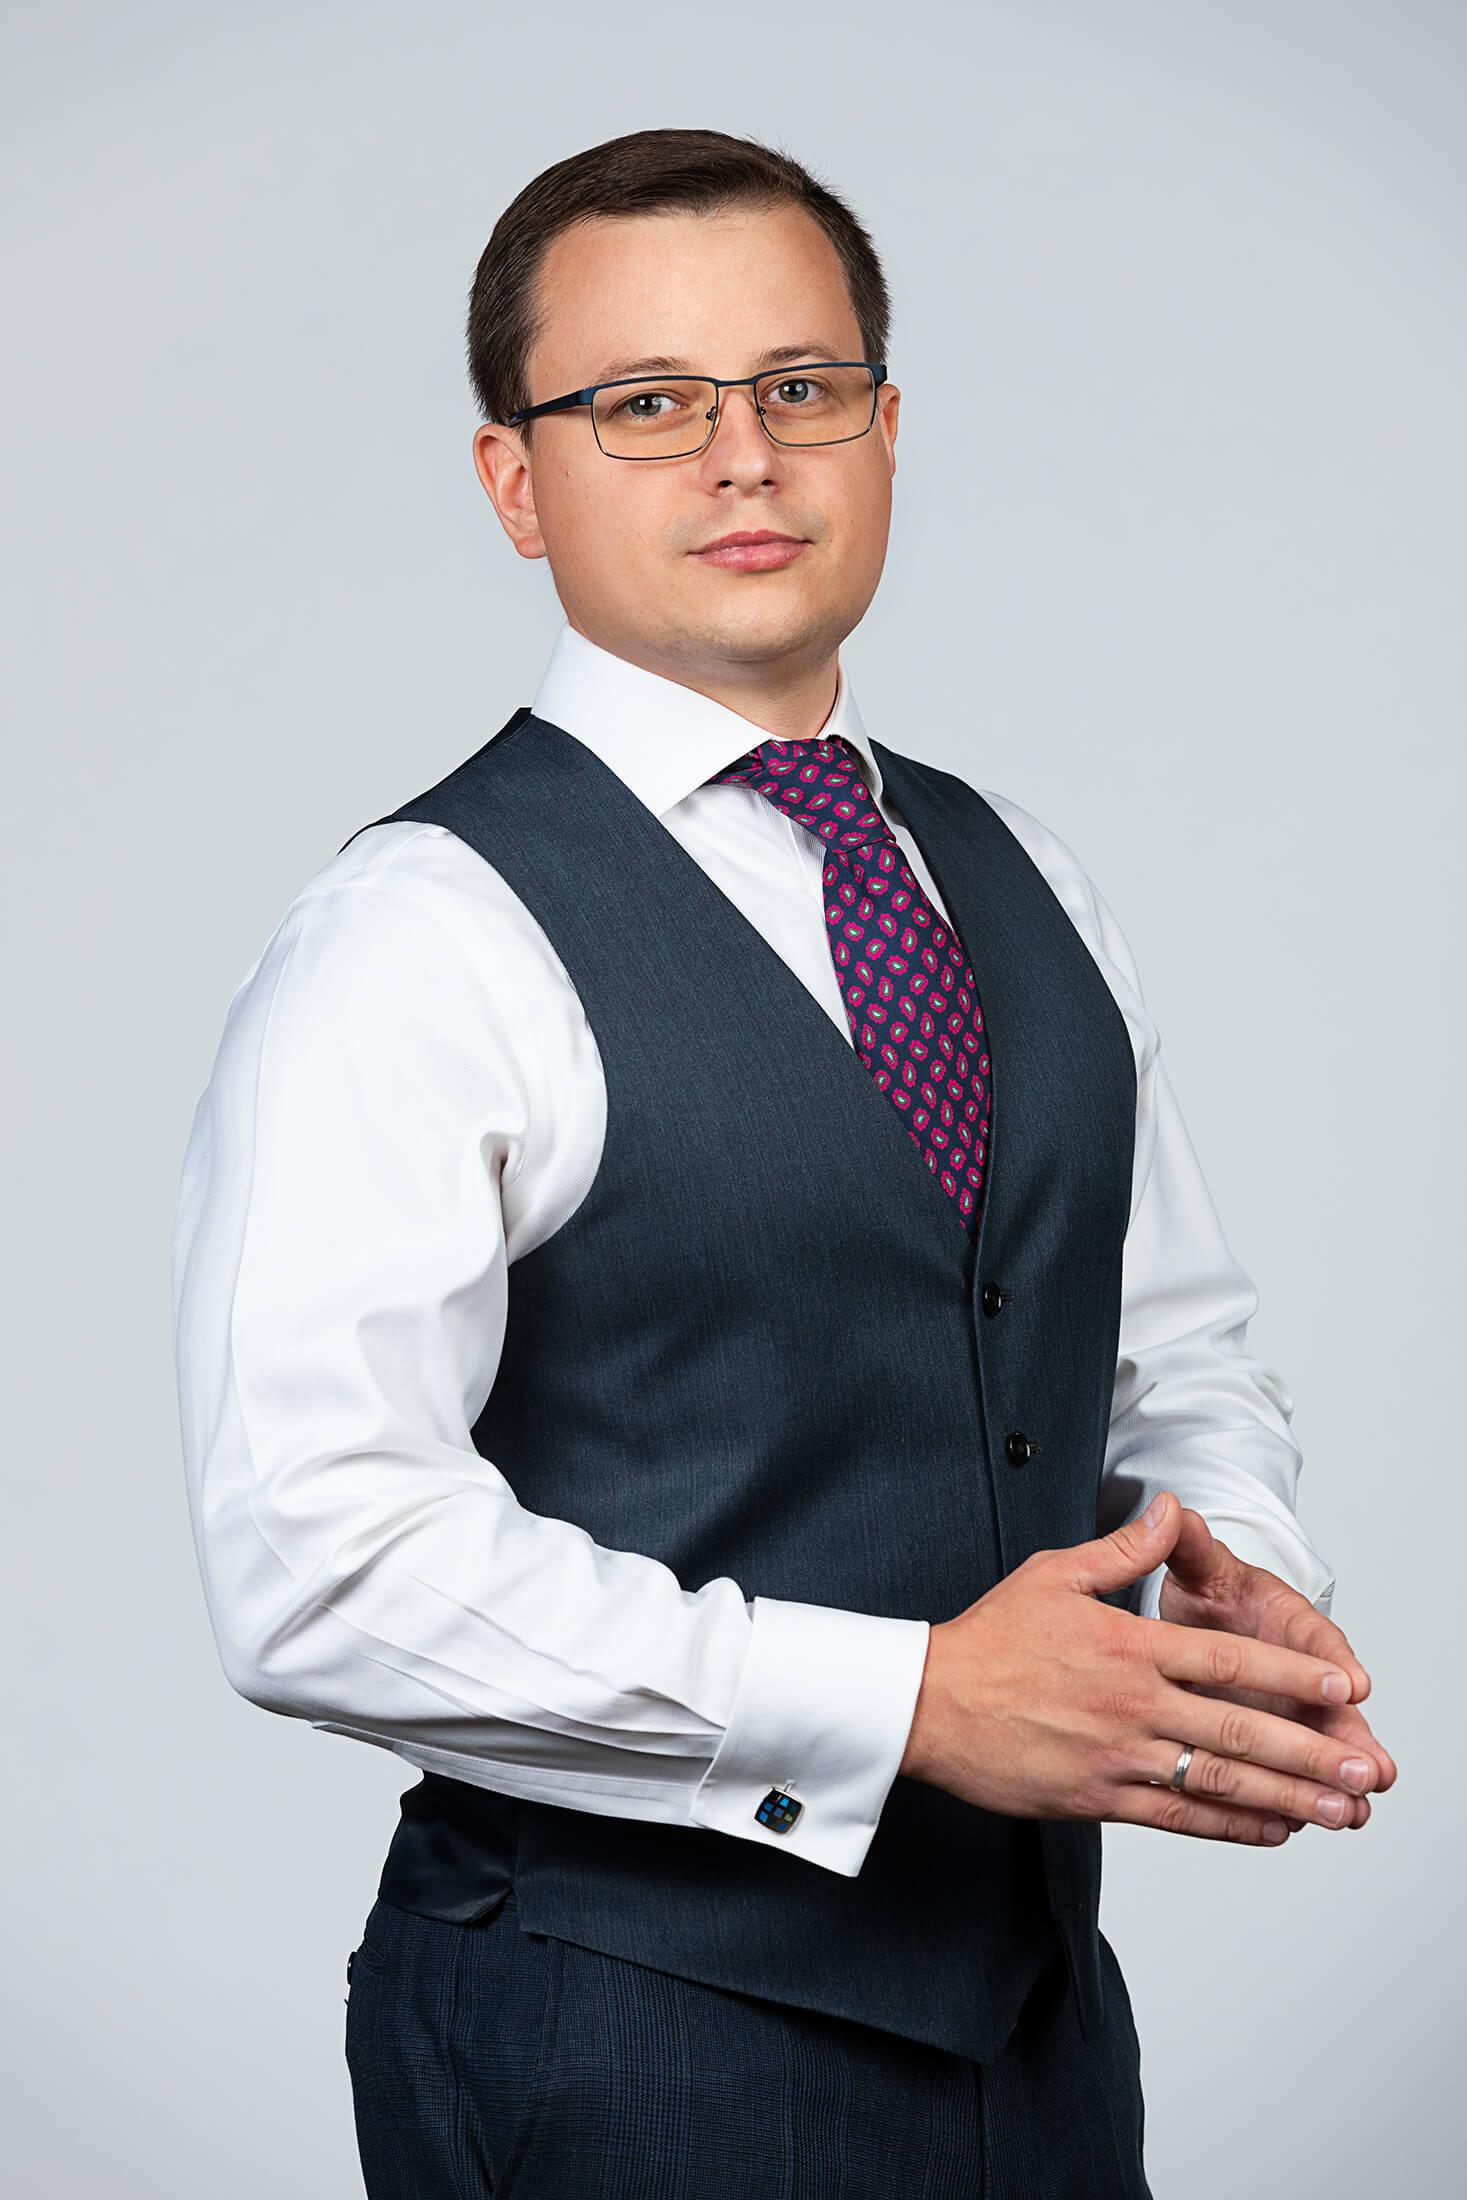 для бизнеса фотосъемка новосибирск